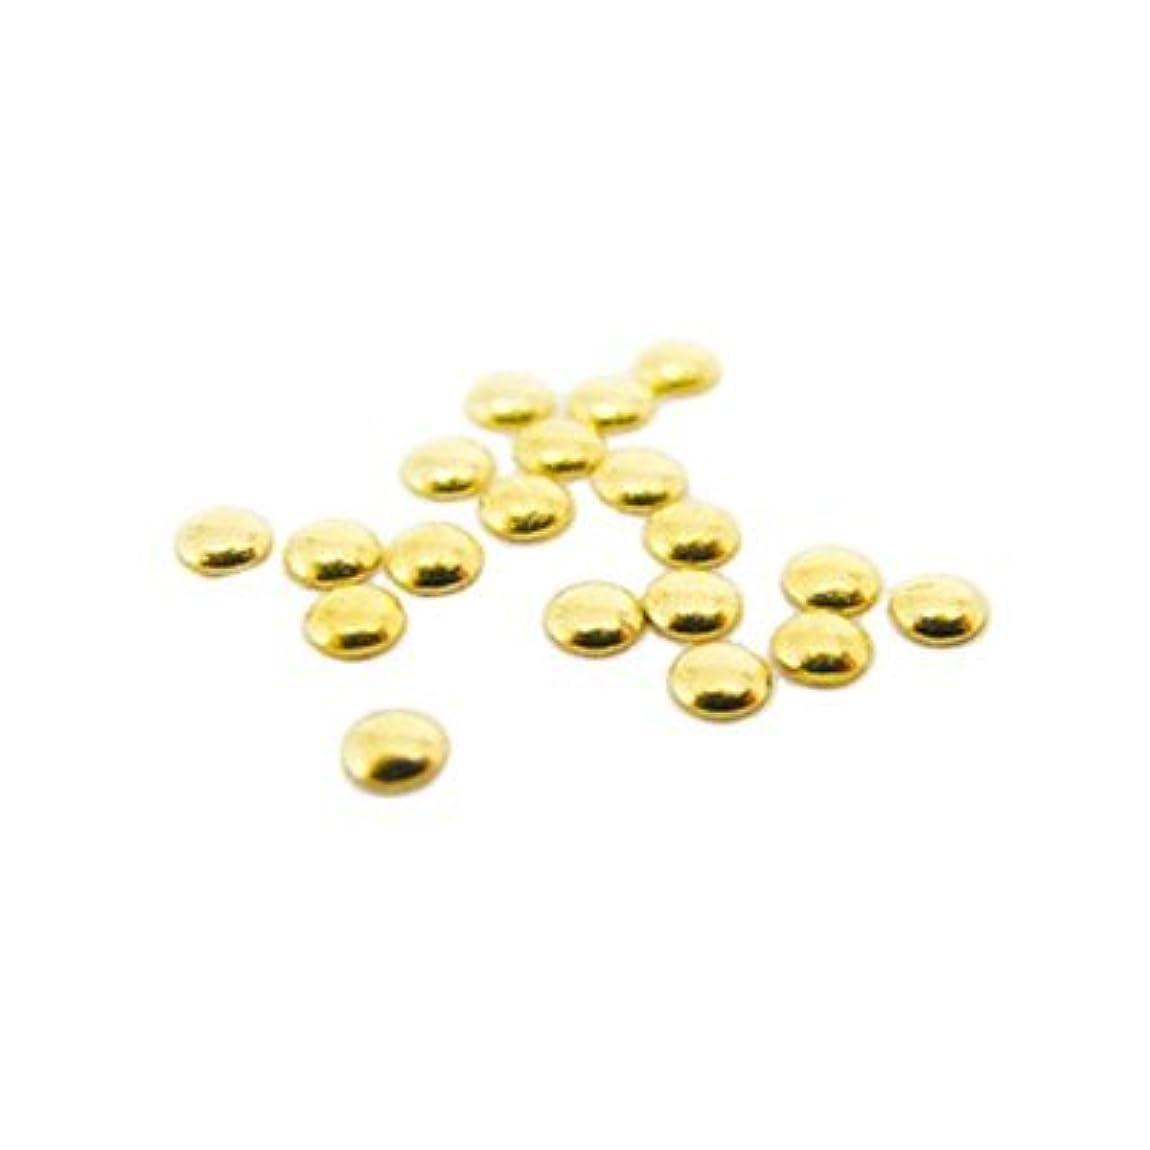 補充コミュニケーションコールドピアドラ スタッズ 1.2mm 100P ゴールド